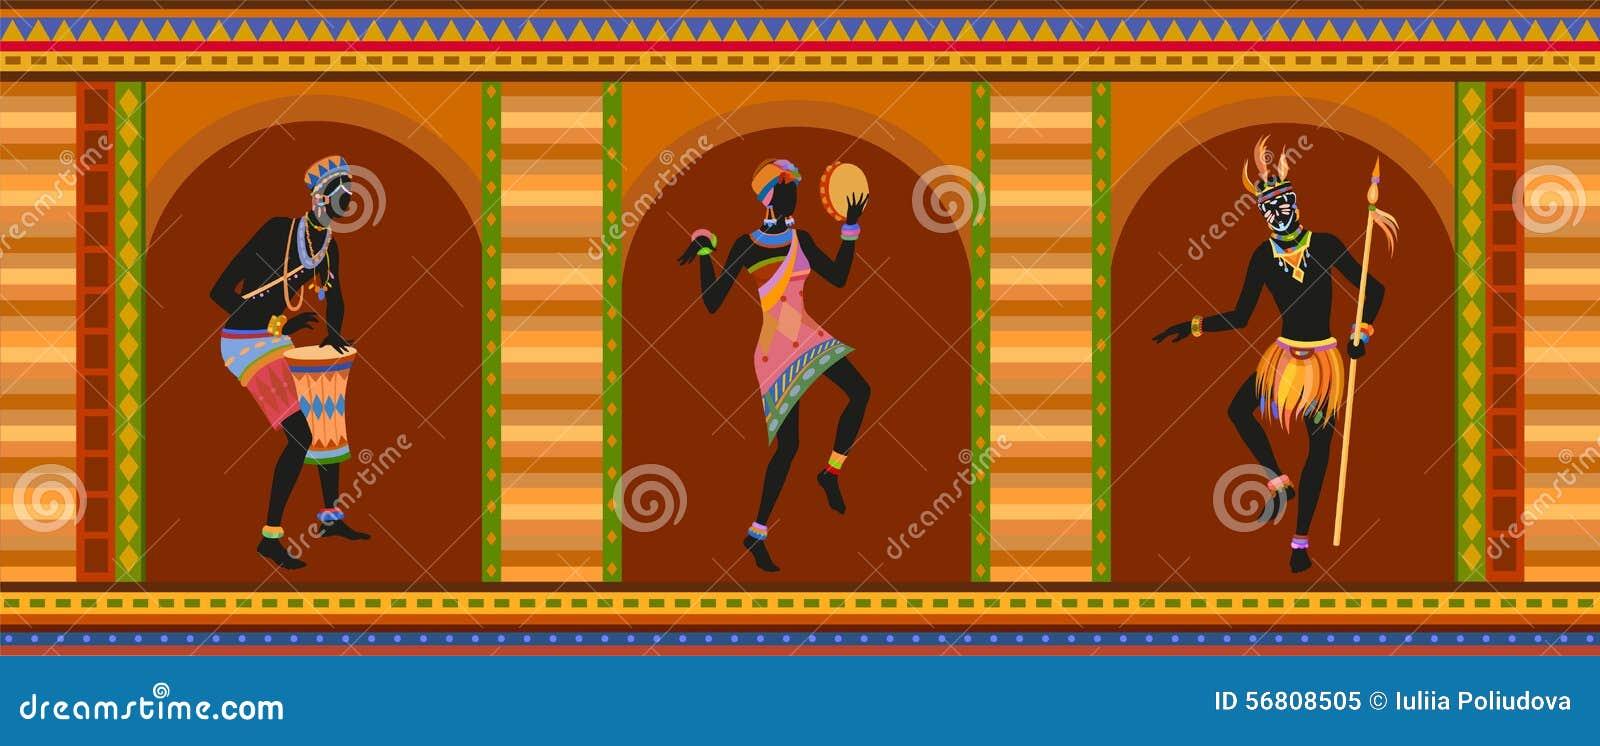 Этнические люди африканца танца